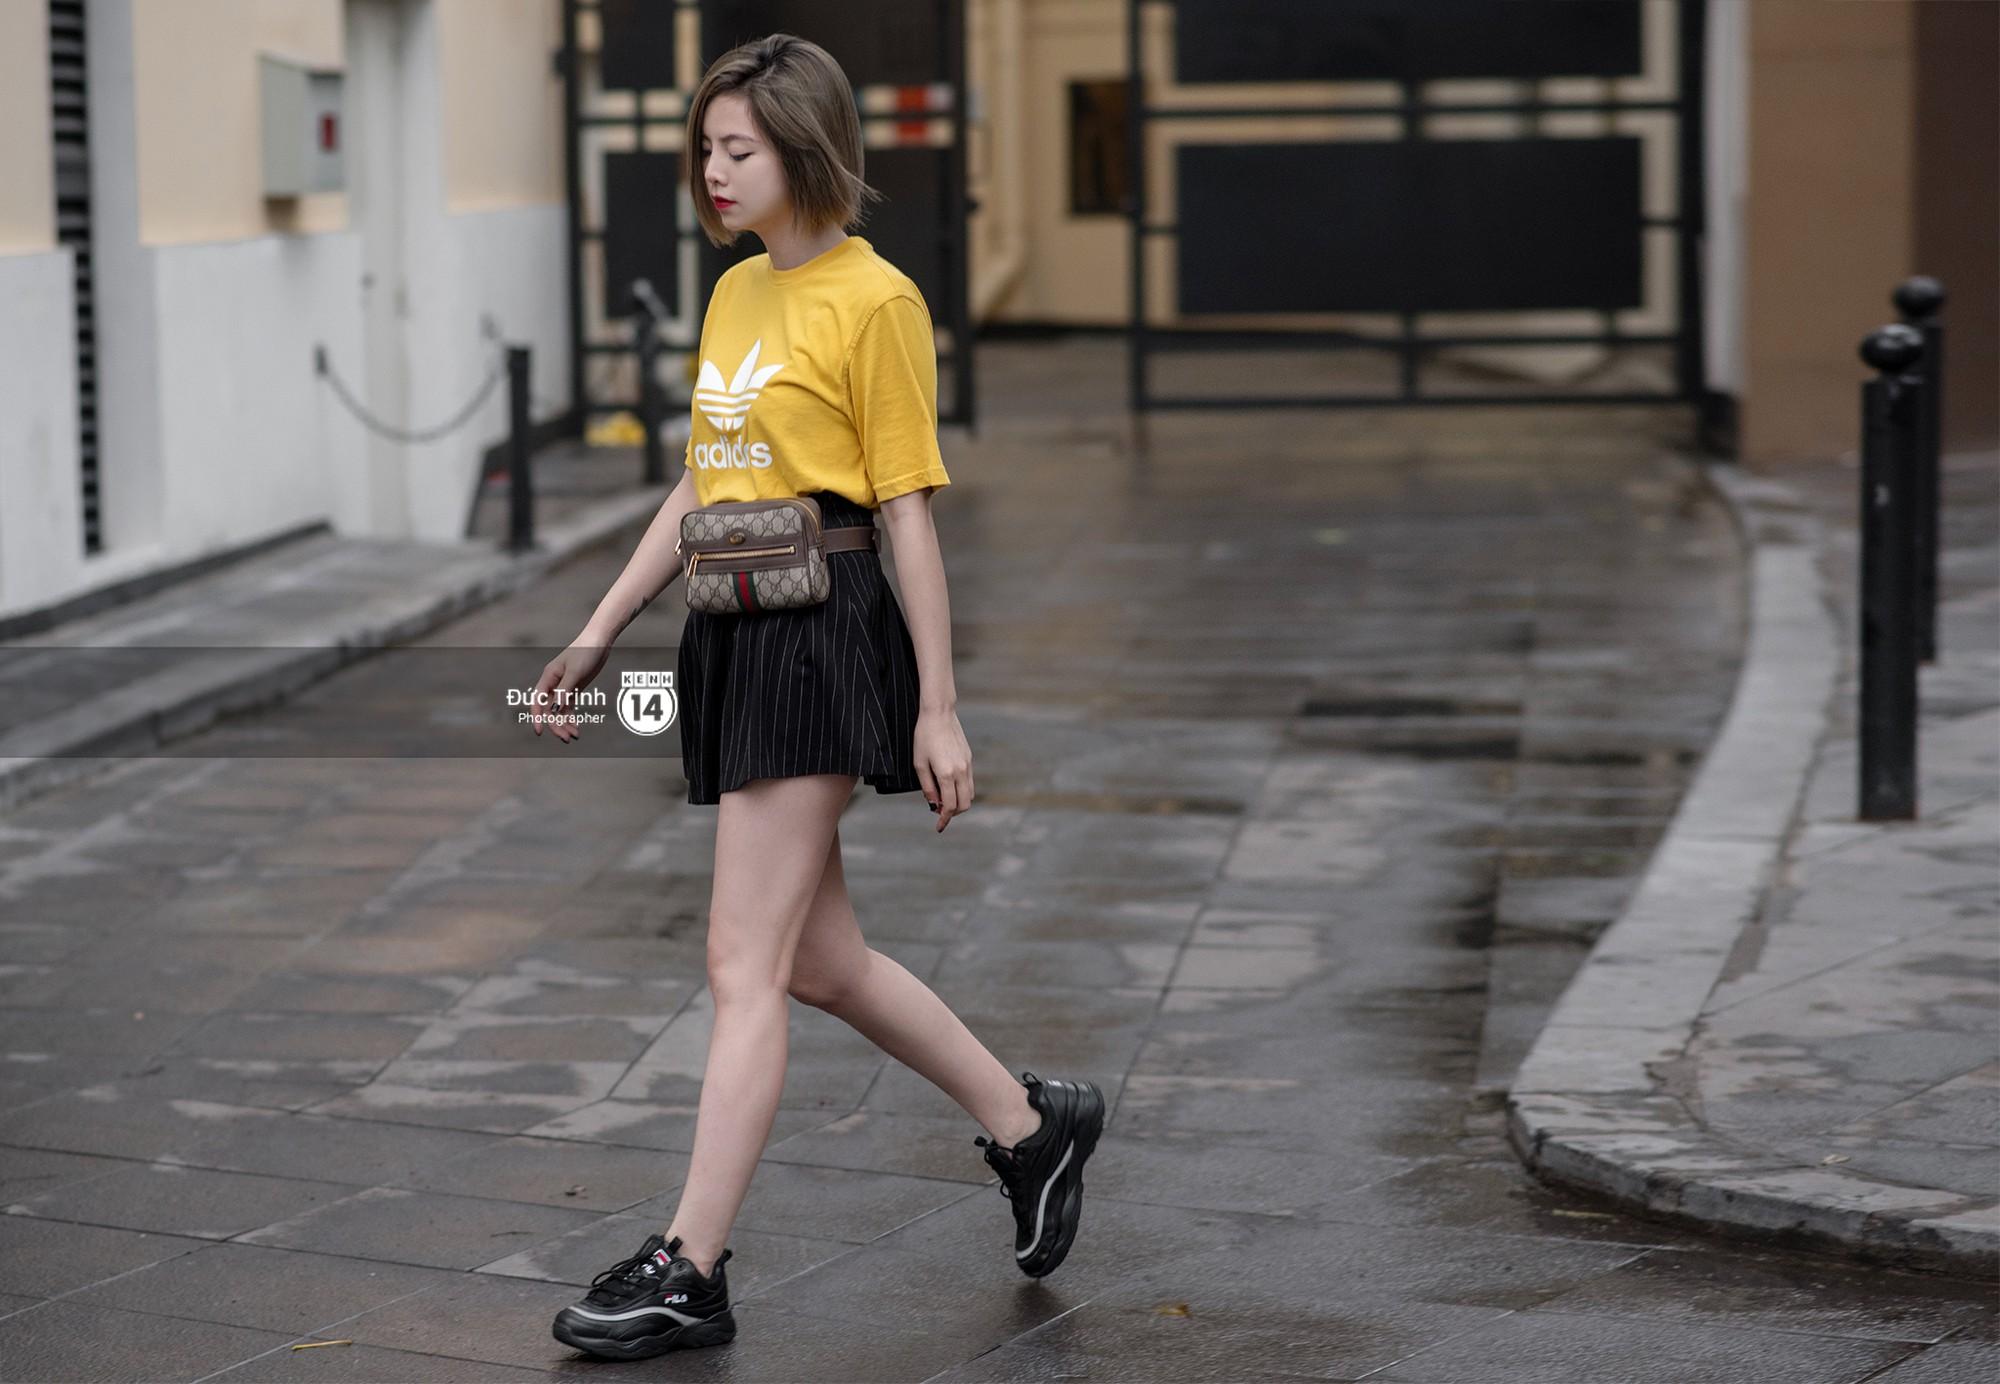 Giới trẻ 2 miền chinh phục loạt hot trend, khoe street style siêu cool và thời thượng ngắm là mê - Ảnh 15.